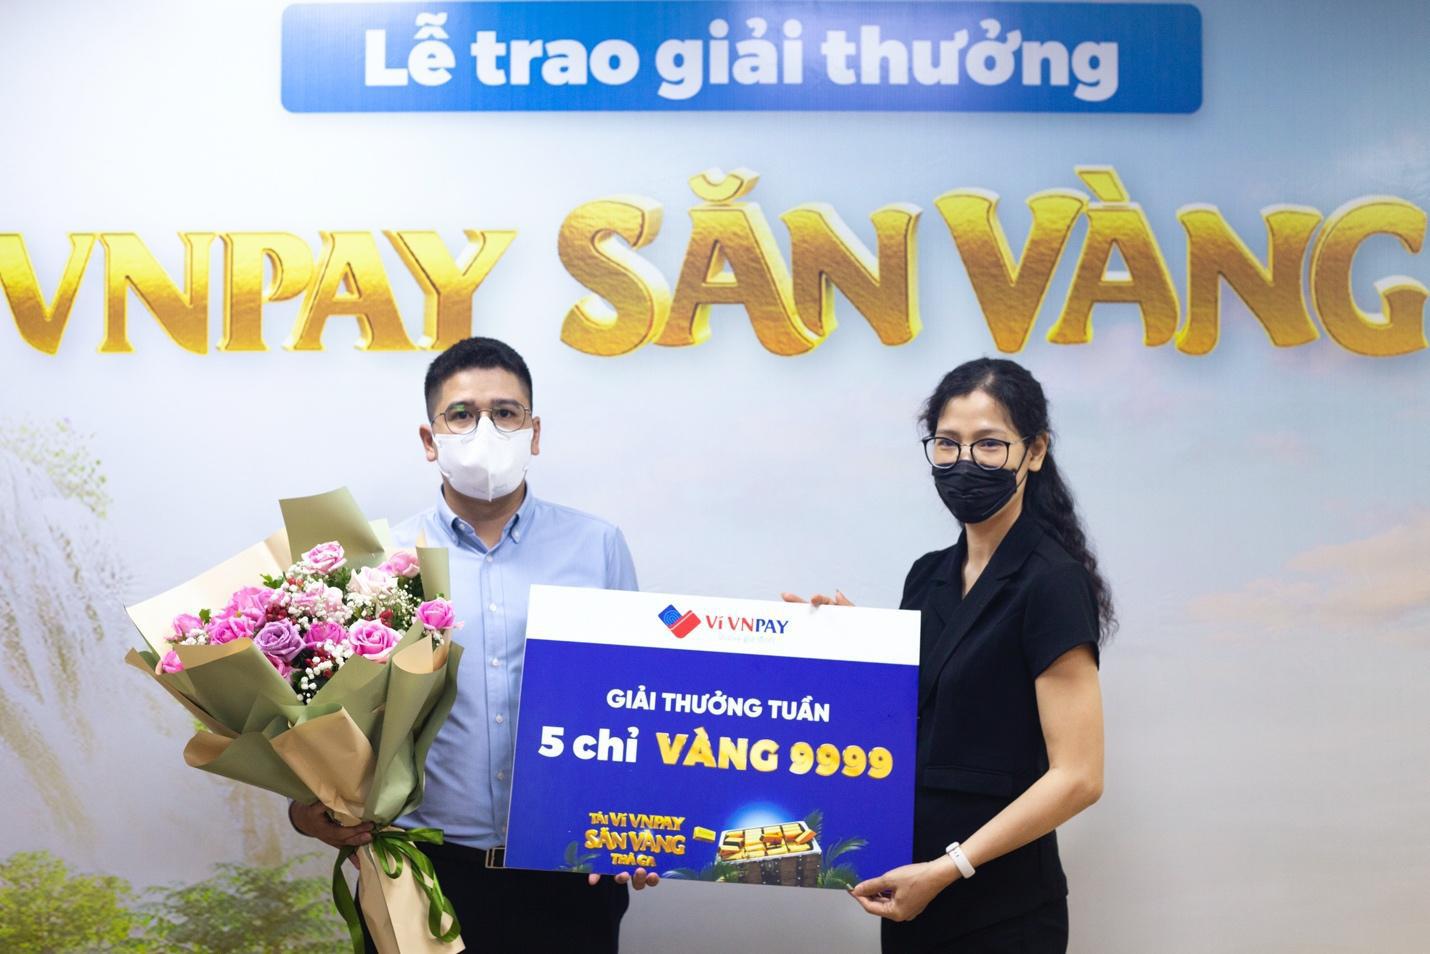 Chàng trai ngoại quốc trúng vàng 9999 nhờ thanh toán hóa đơn trực tuyến - Ảnh 3.